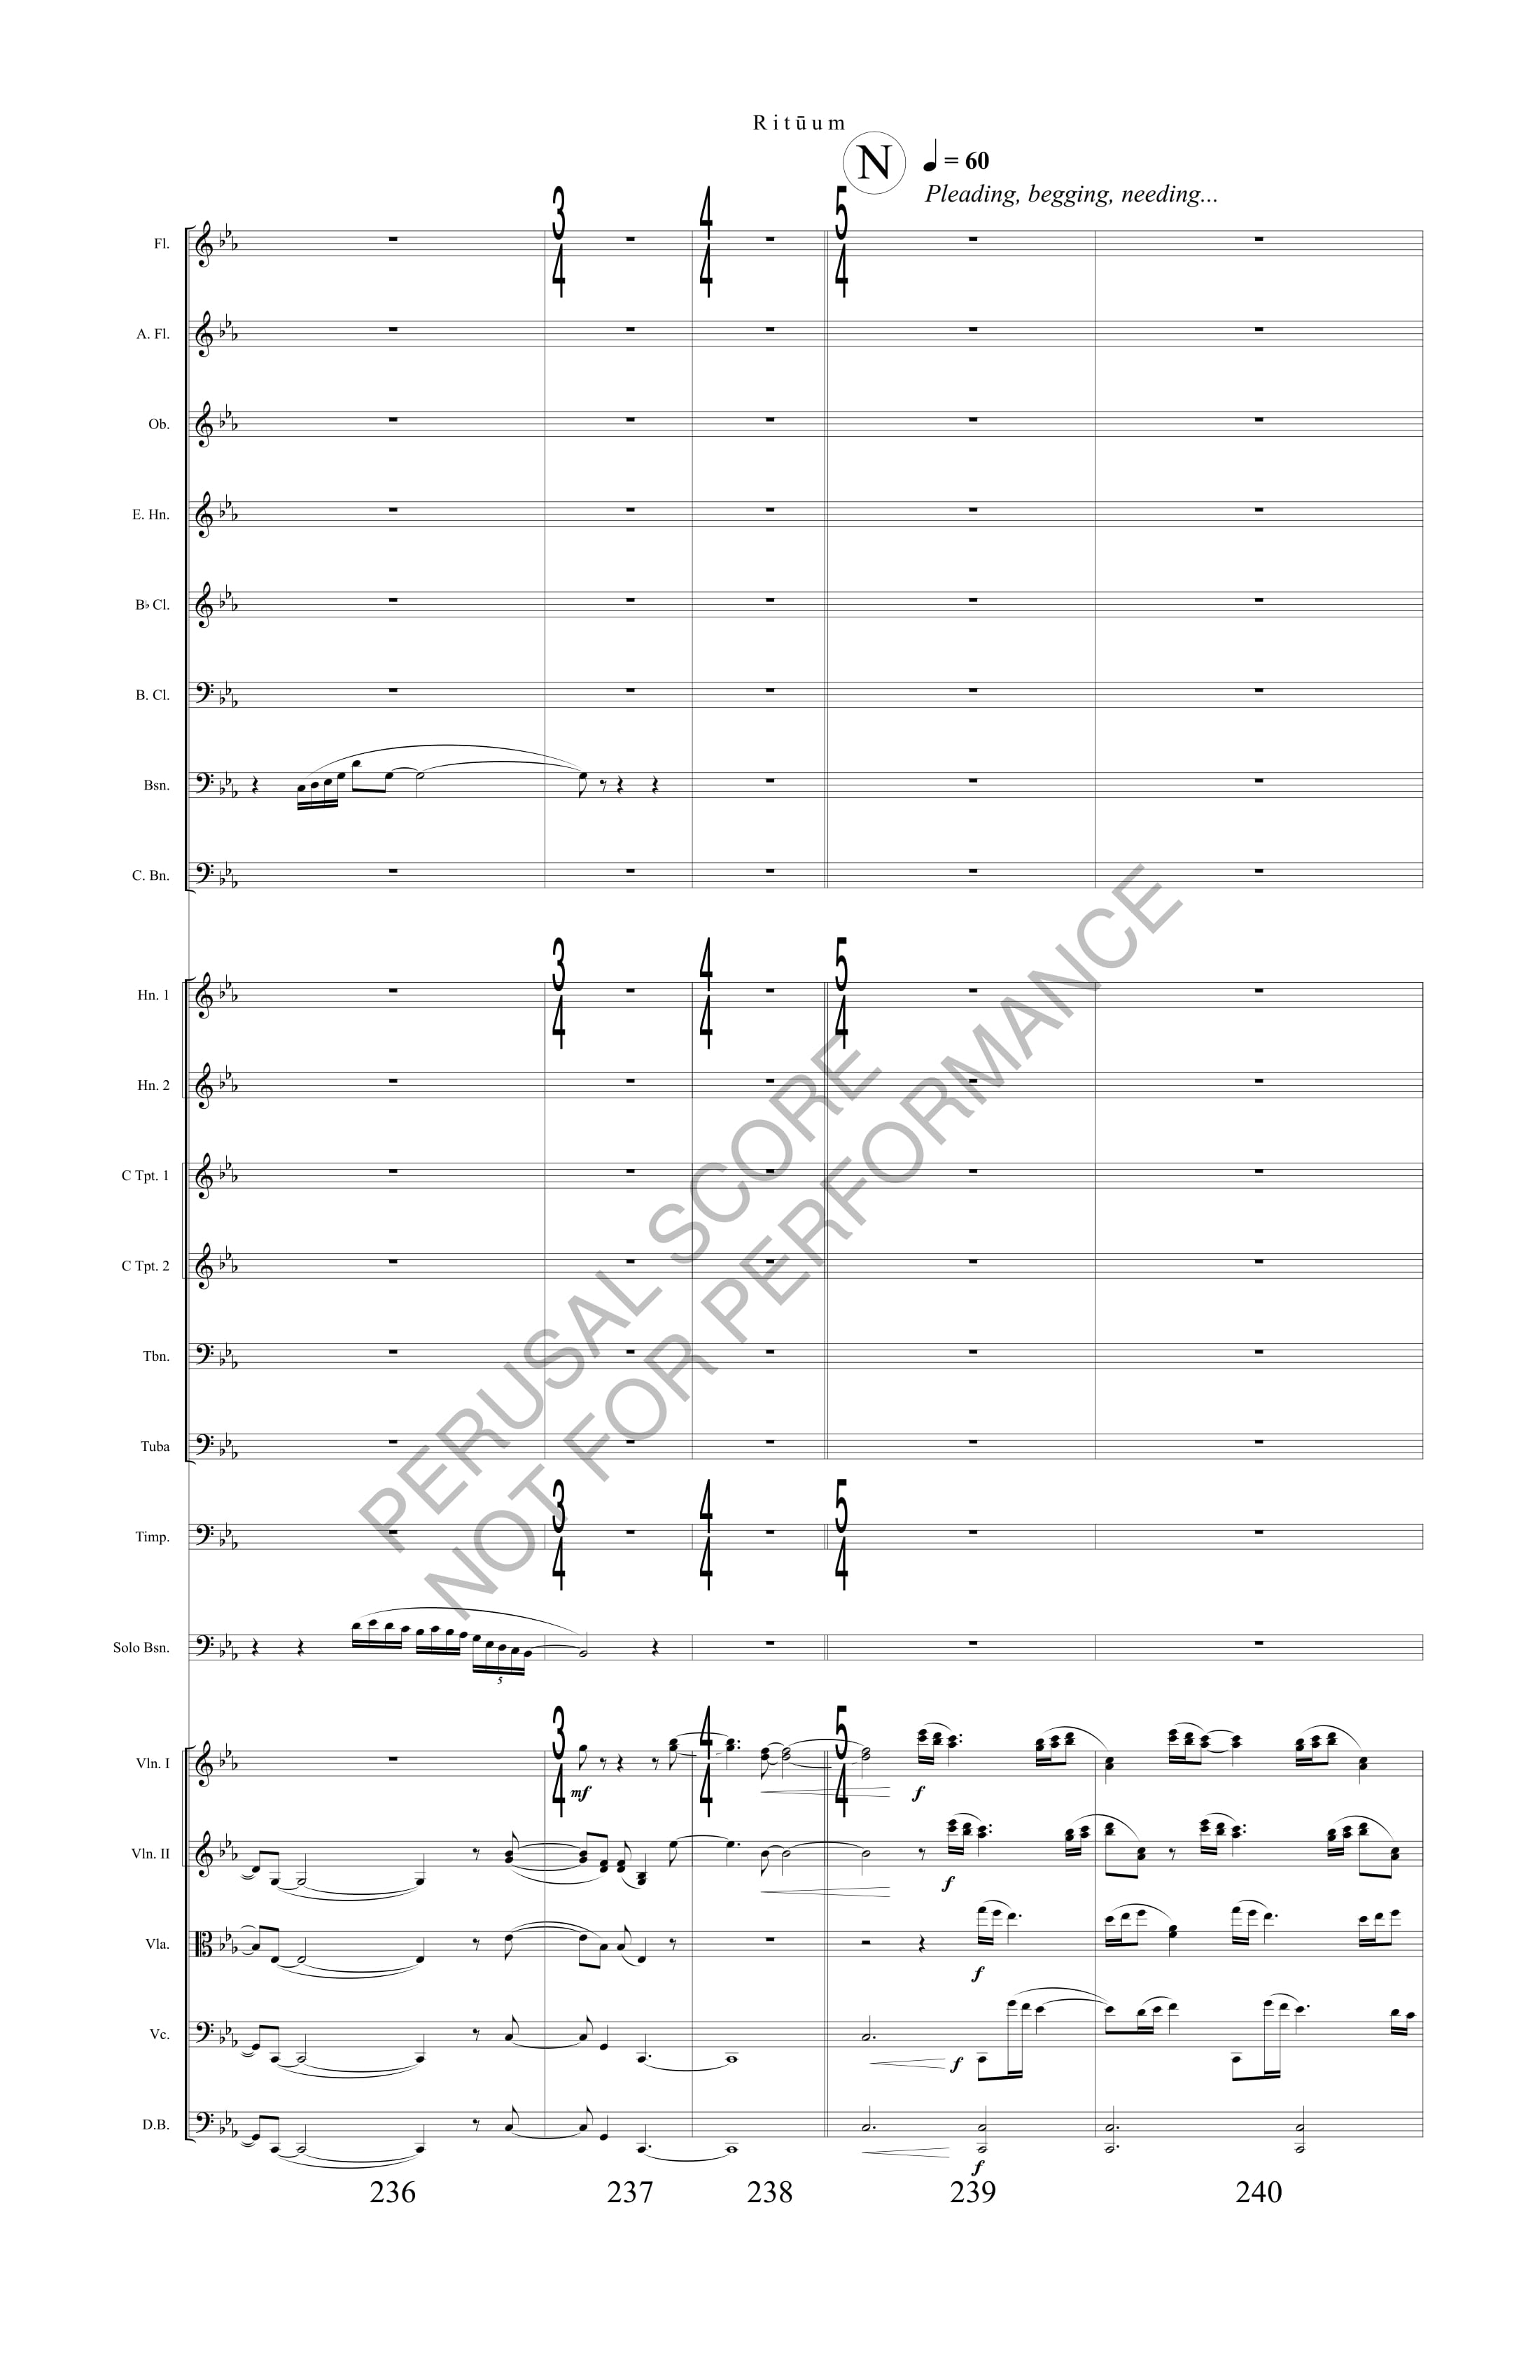 Boyd Rituum Score-watermark (1)-55.jpg